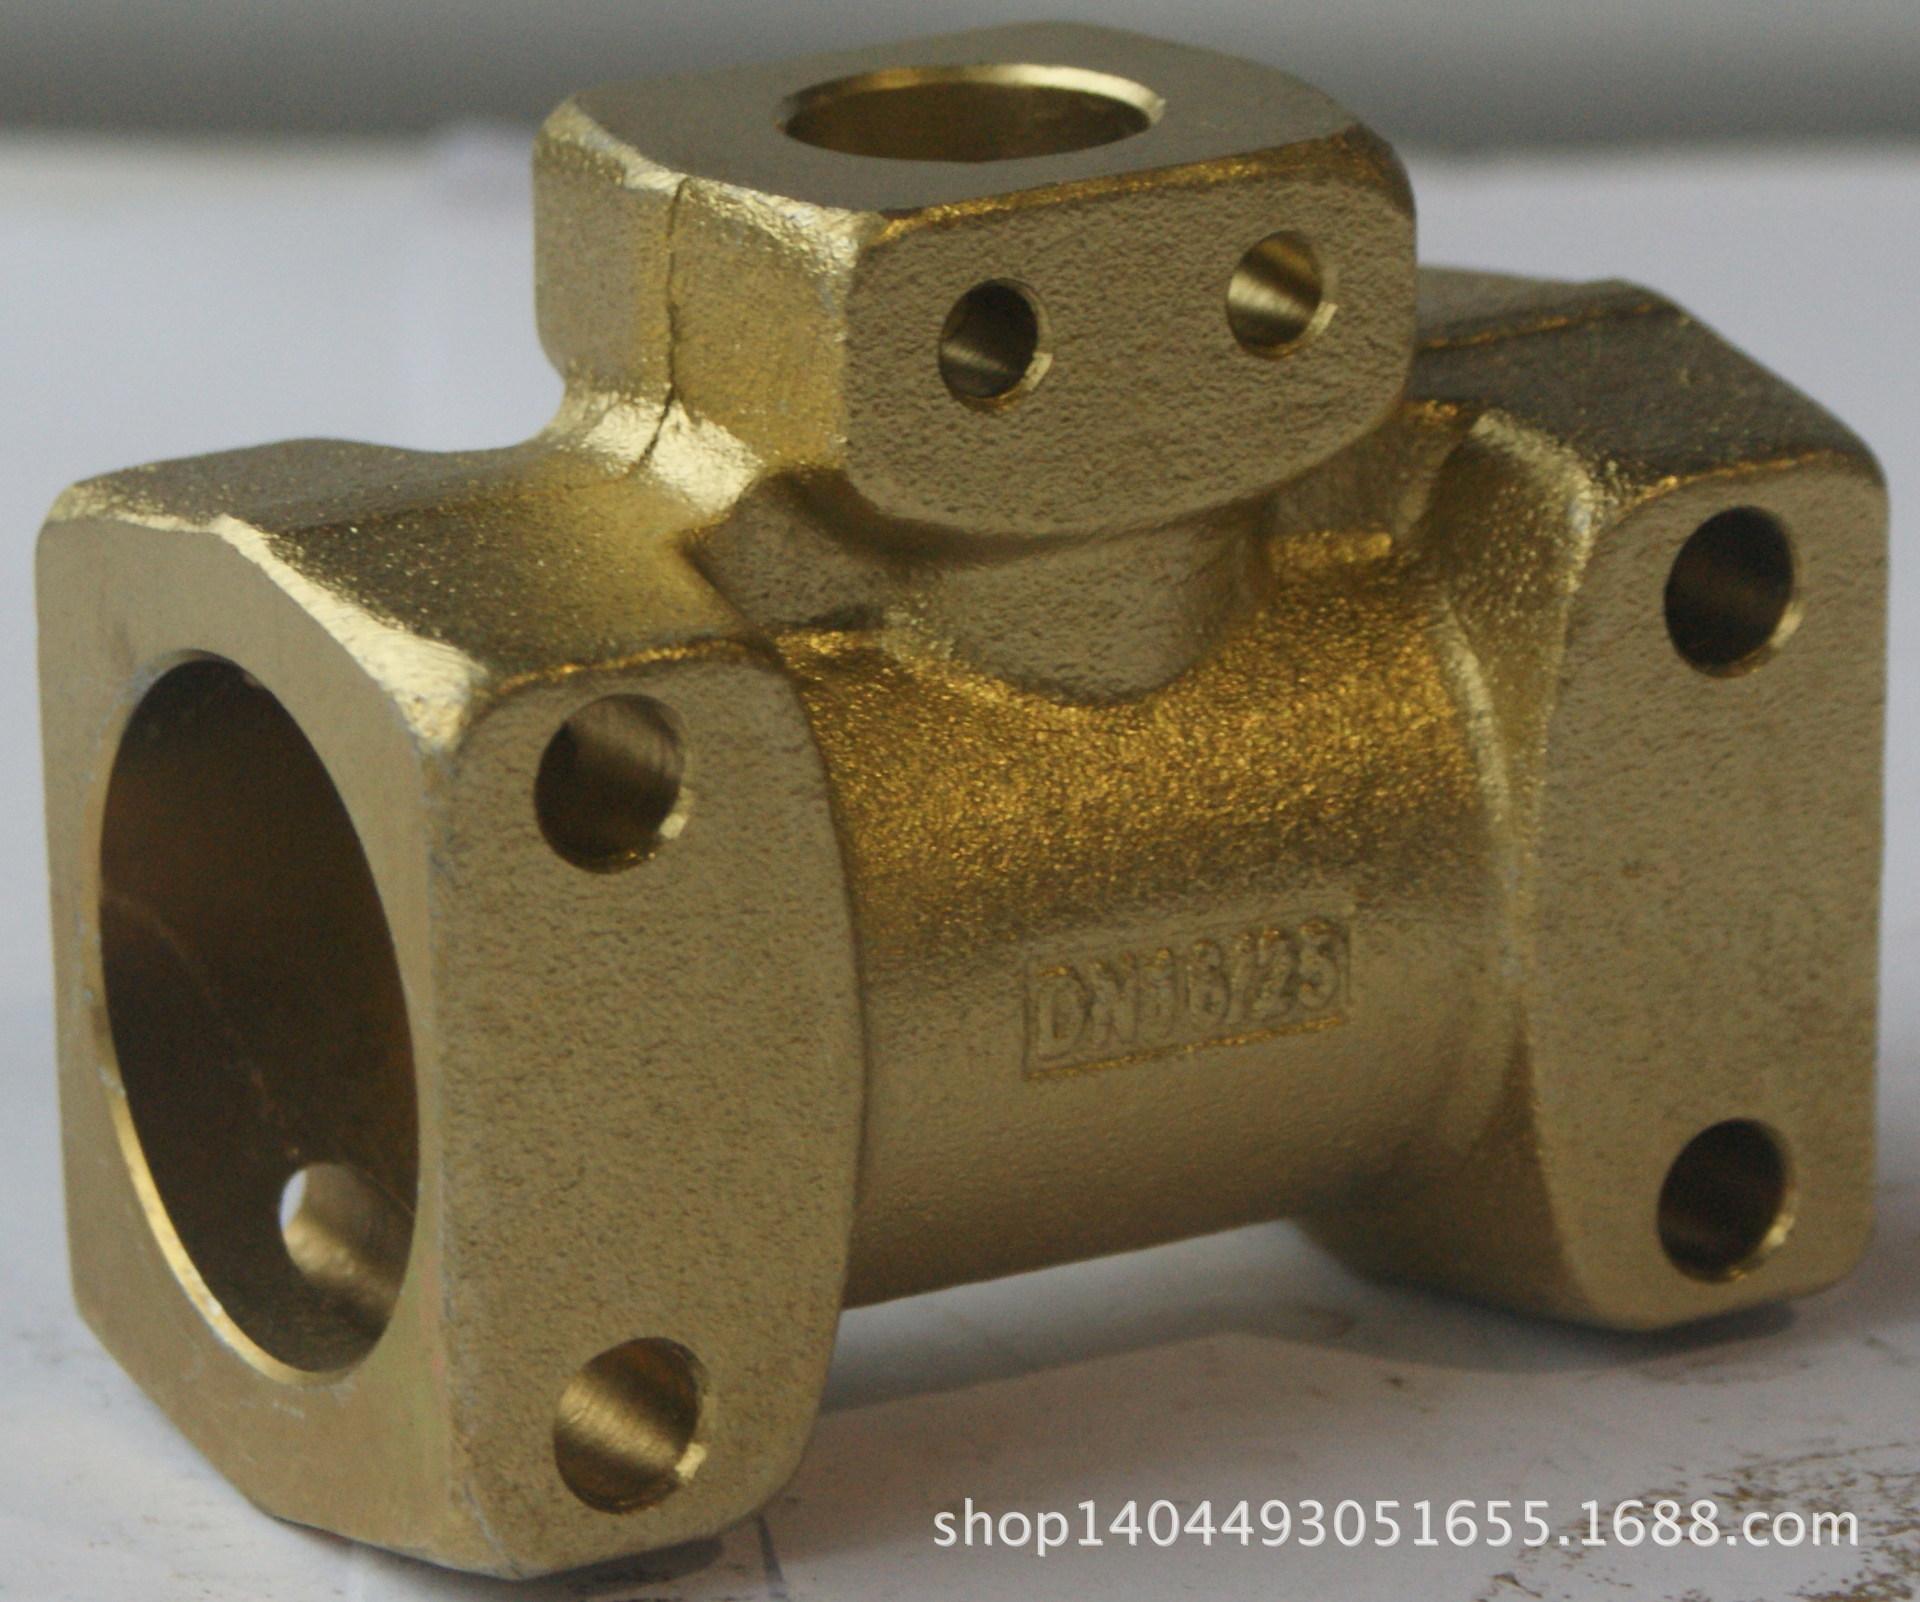 矿用 煤矿液压支架胶管连接 变径三通DN25/25/10